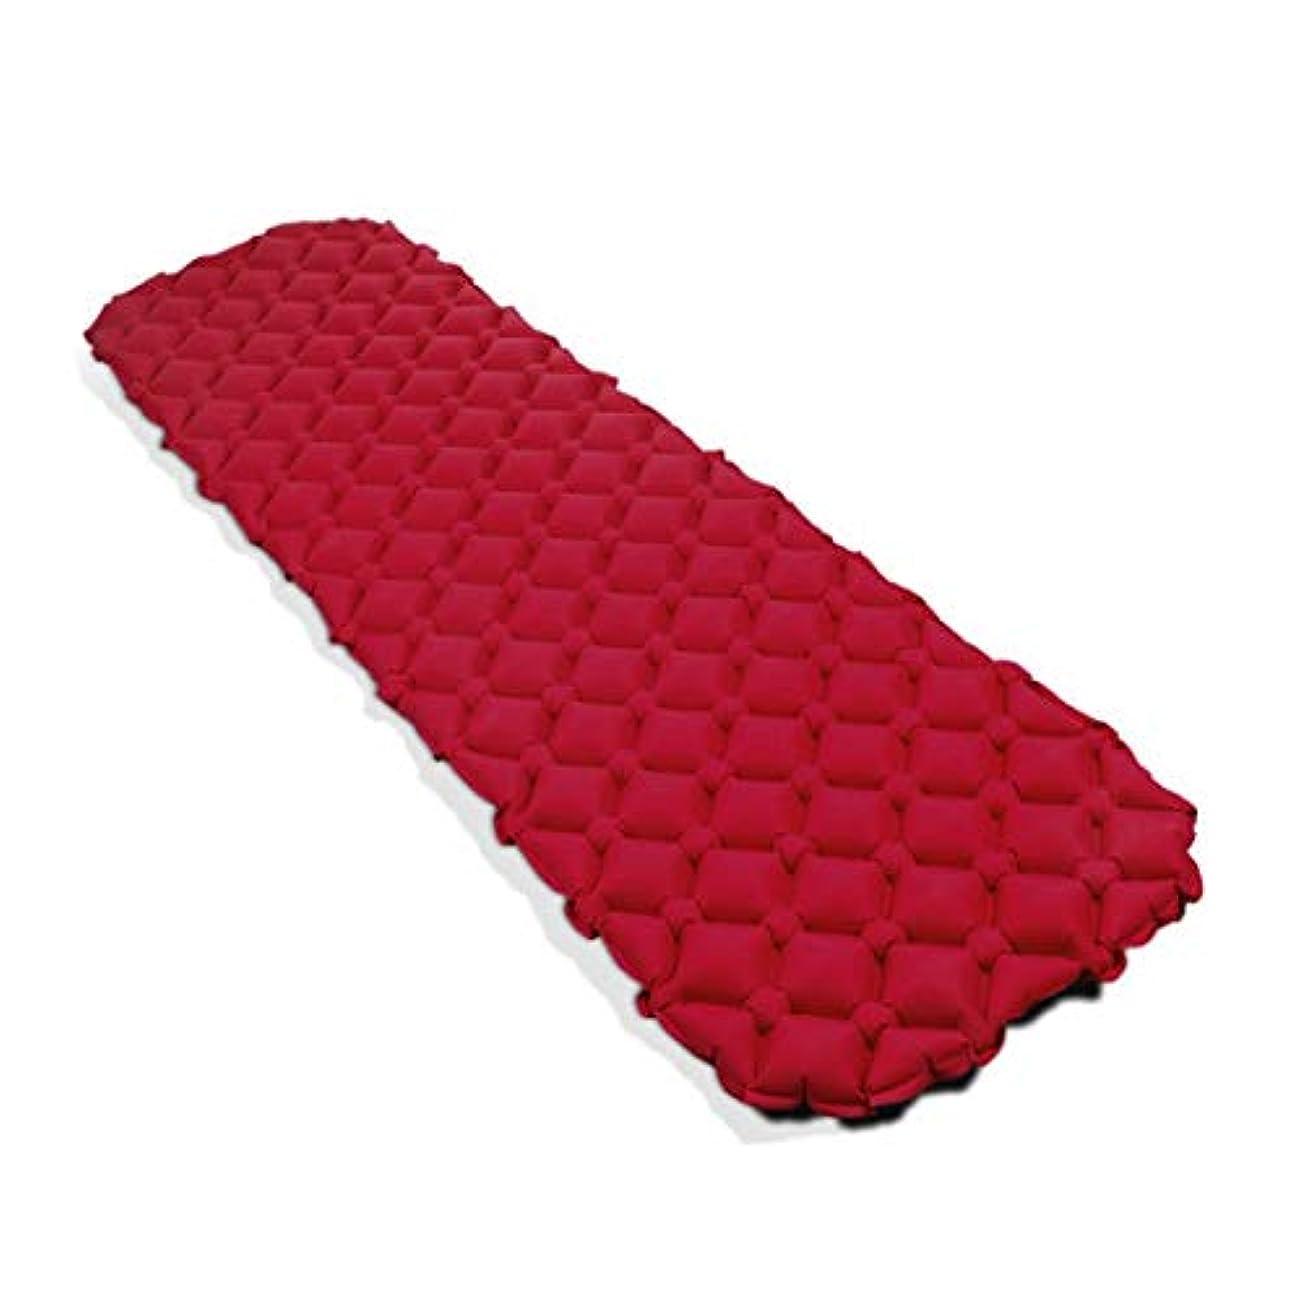 フェード評判滞在随州高新区酷冰便利购物店 キャンプテント寝袋 - 戸外の防湿自動インフレータブルパッドPVC自動インフレータブルパッド単一の縫製することができます (色 : オレンジ)